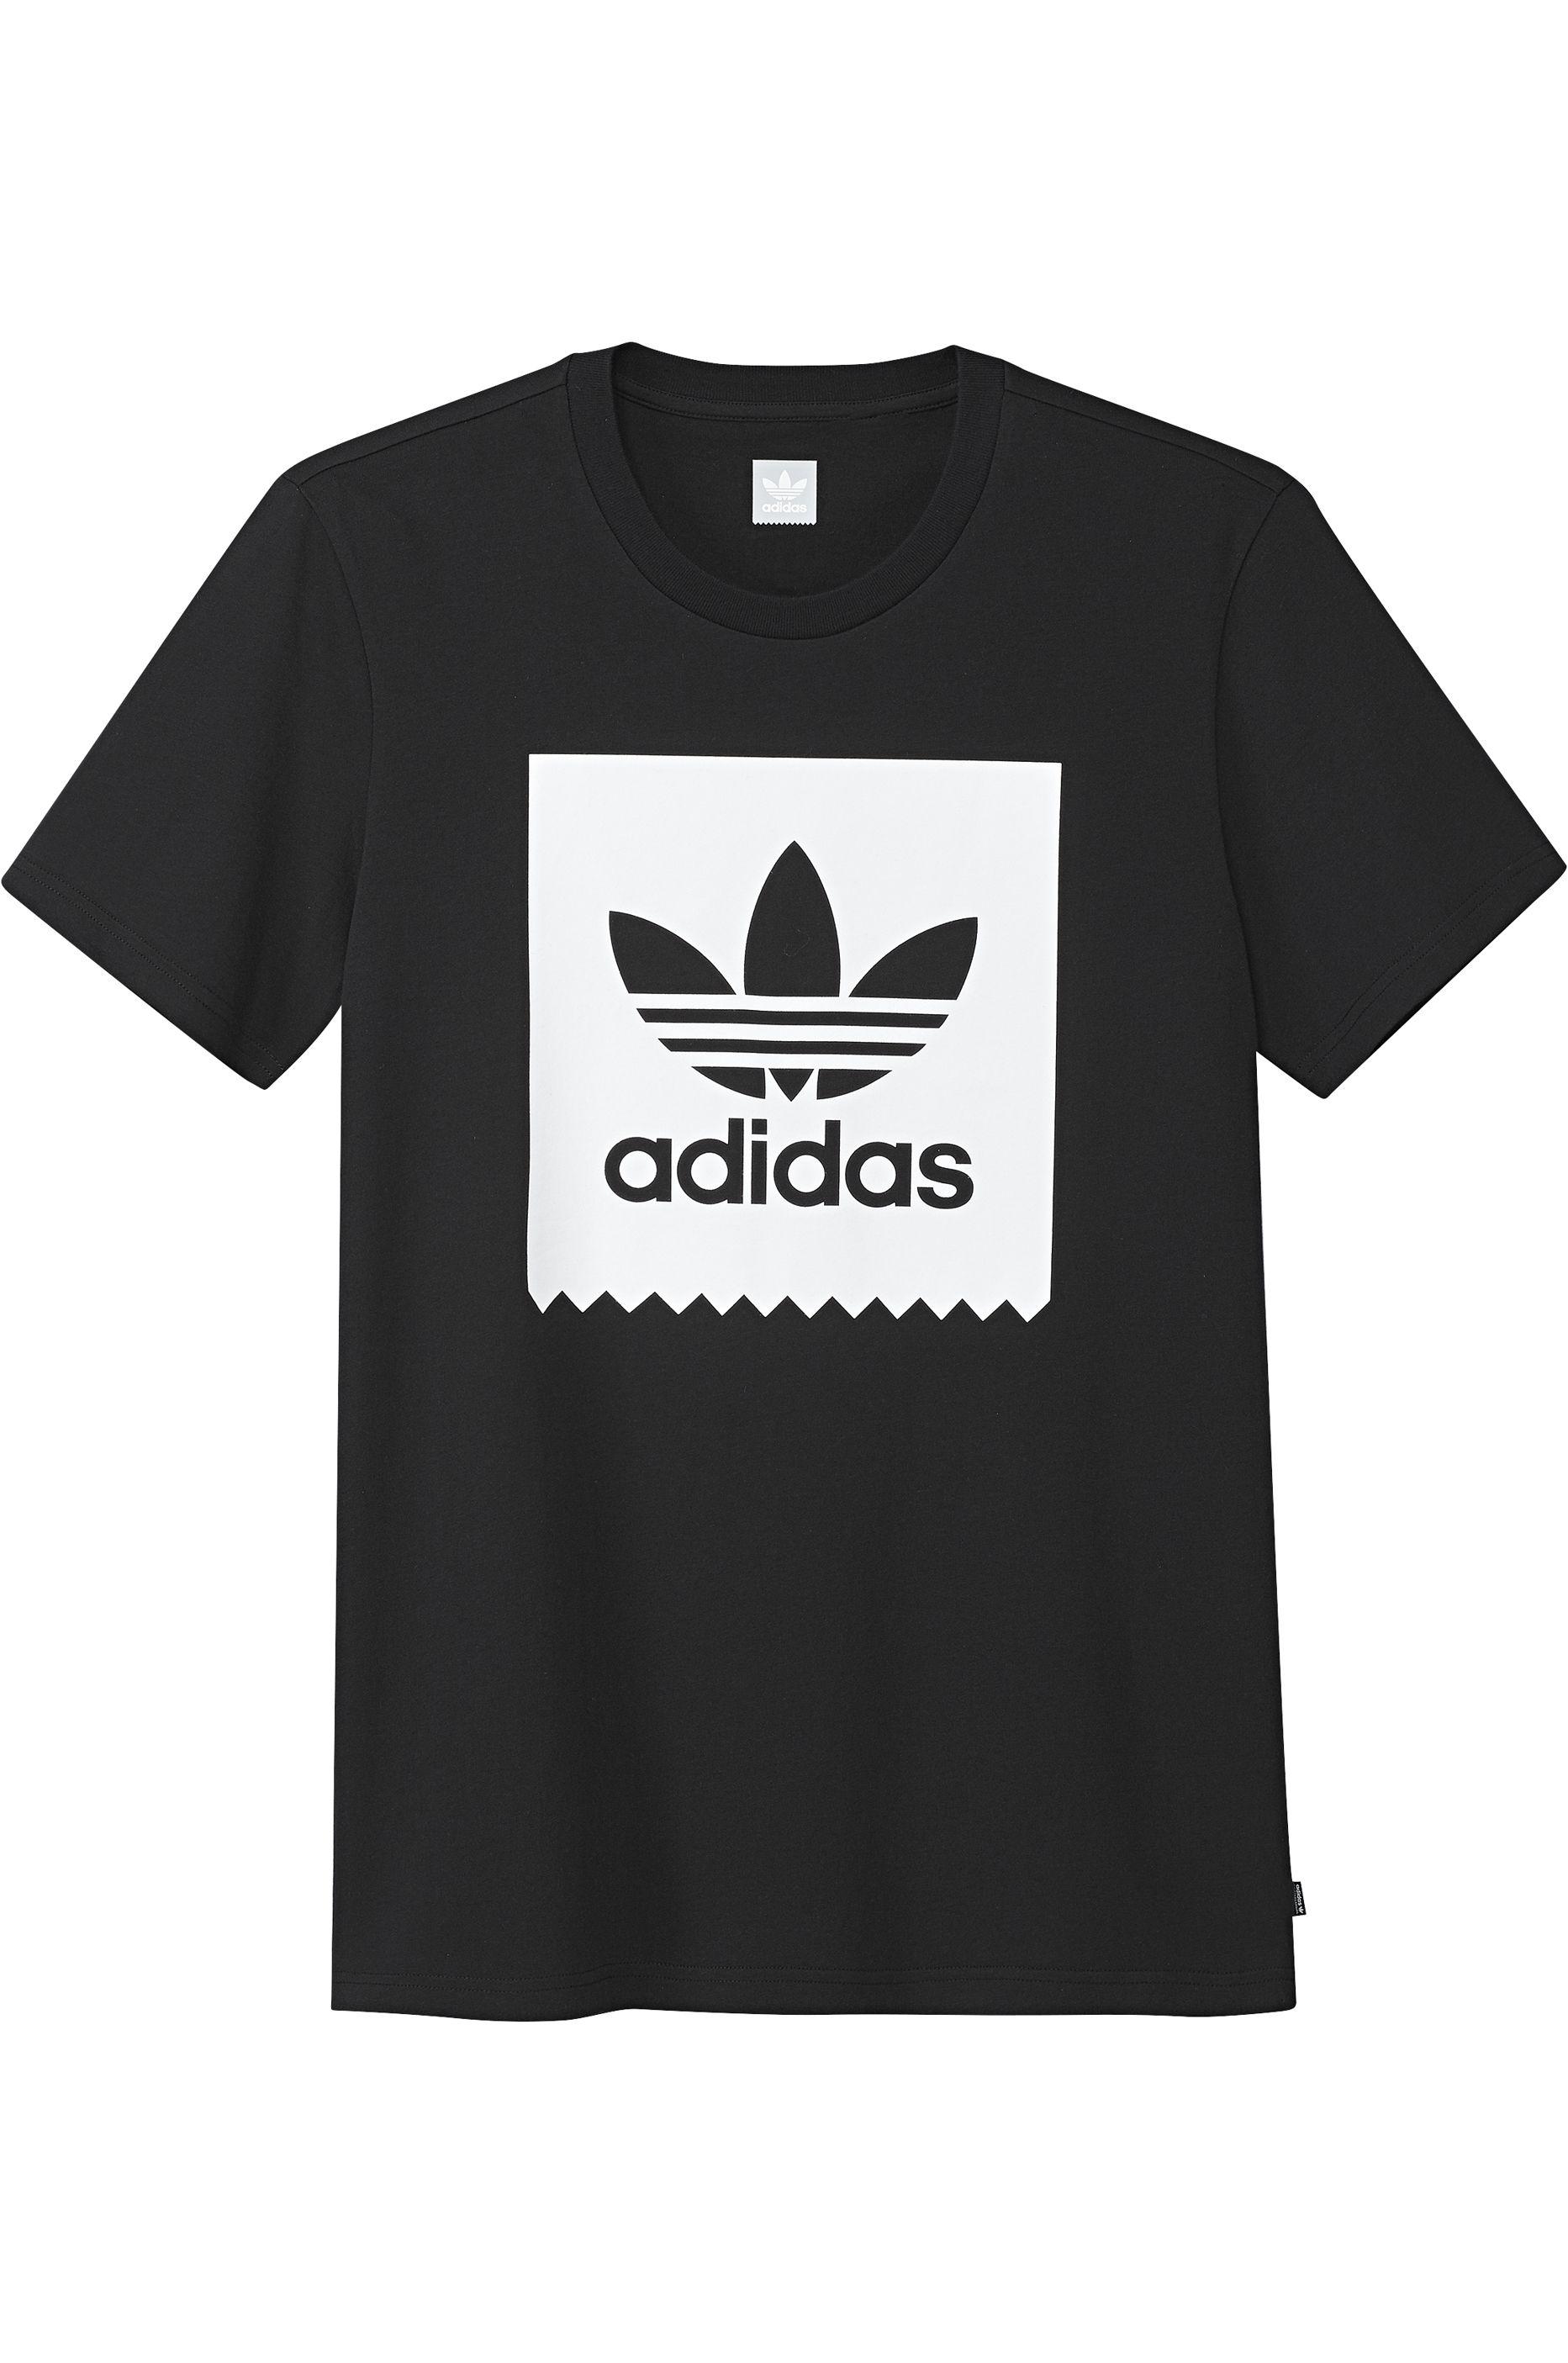 T-Shirt Adidas SOLID BB Black/White